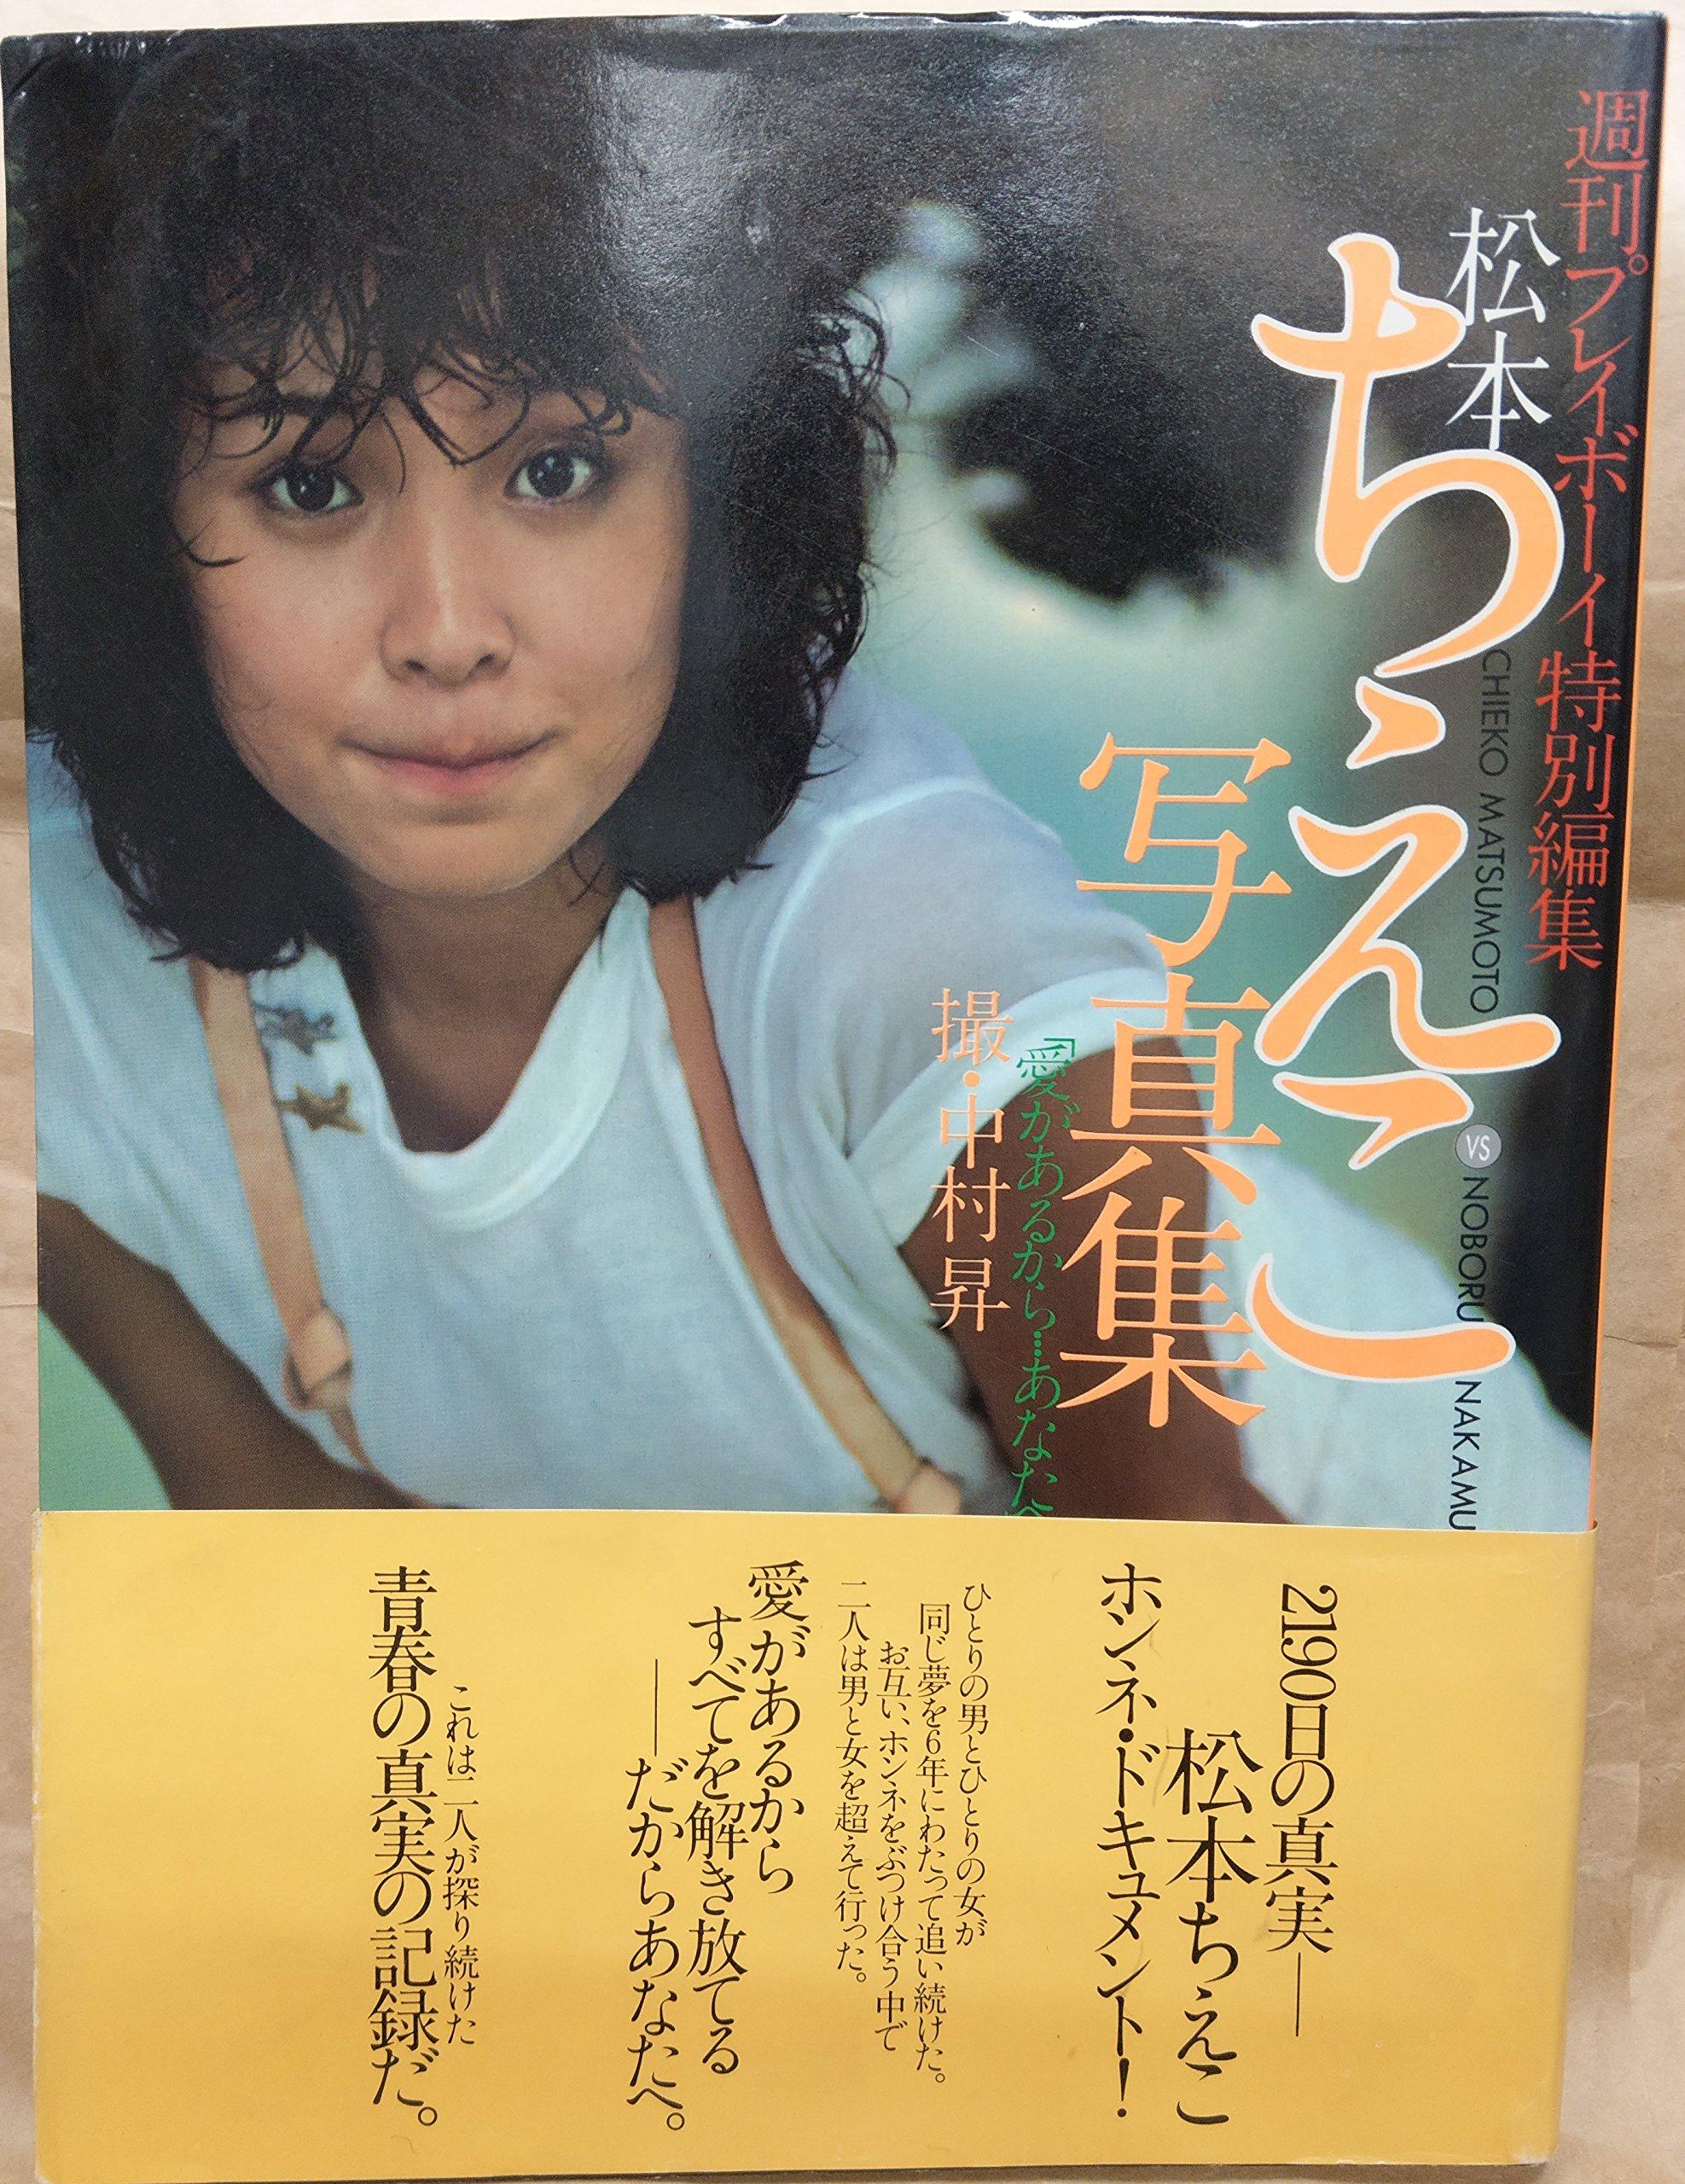 Amazon.co.jp: 松本ちえこ写真集 「愛があるから・・・あなたへ ...